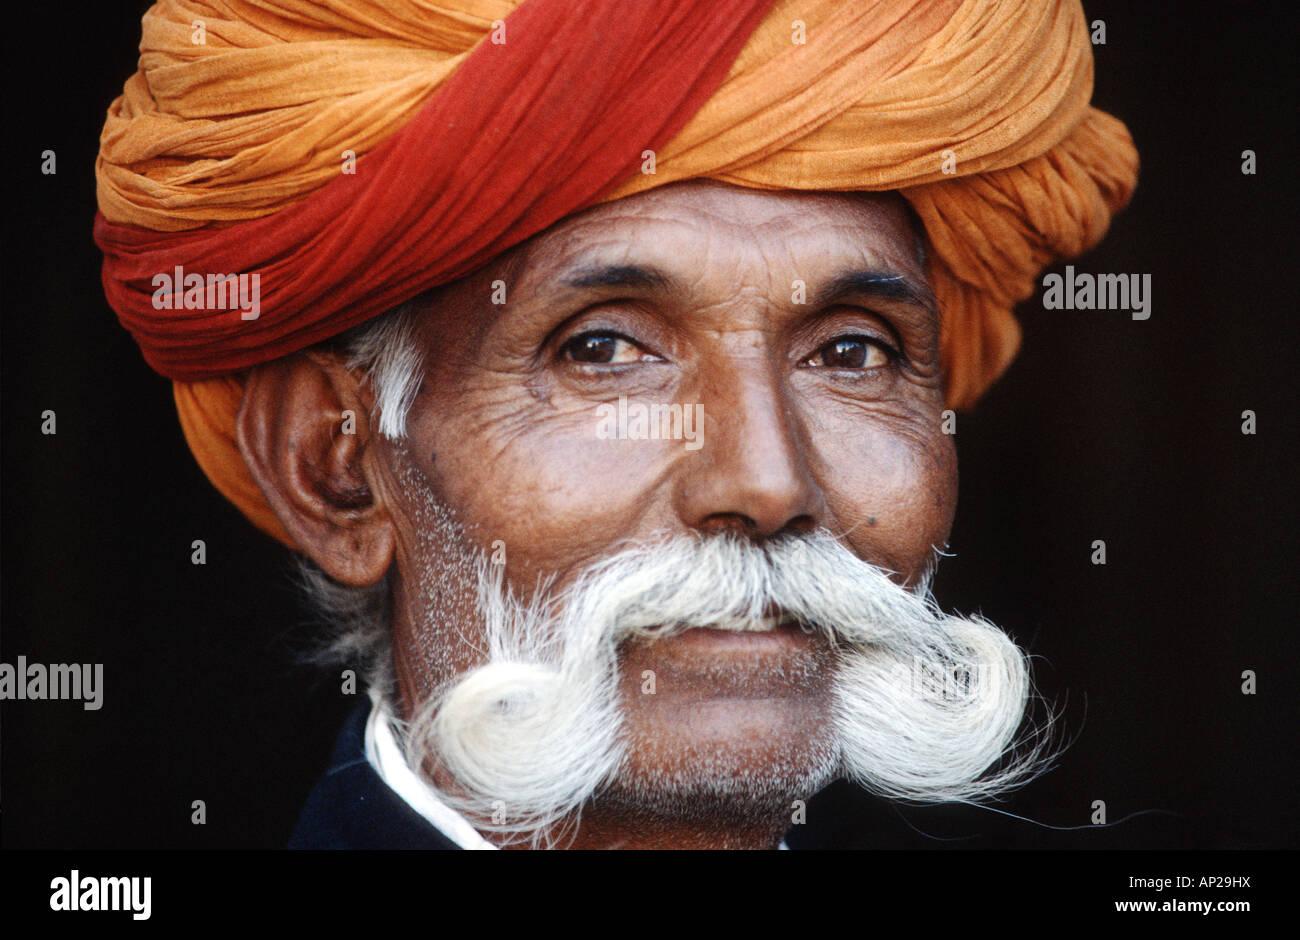 India, Rajastan: ritratto di un uomo con beart e turbante Immagini Stock